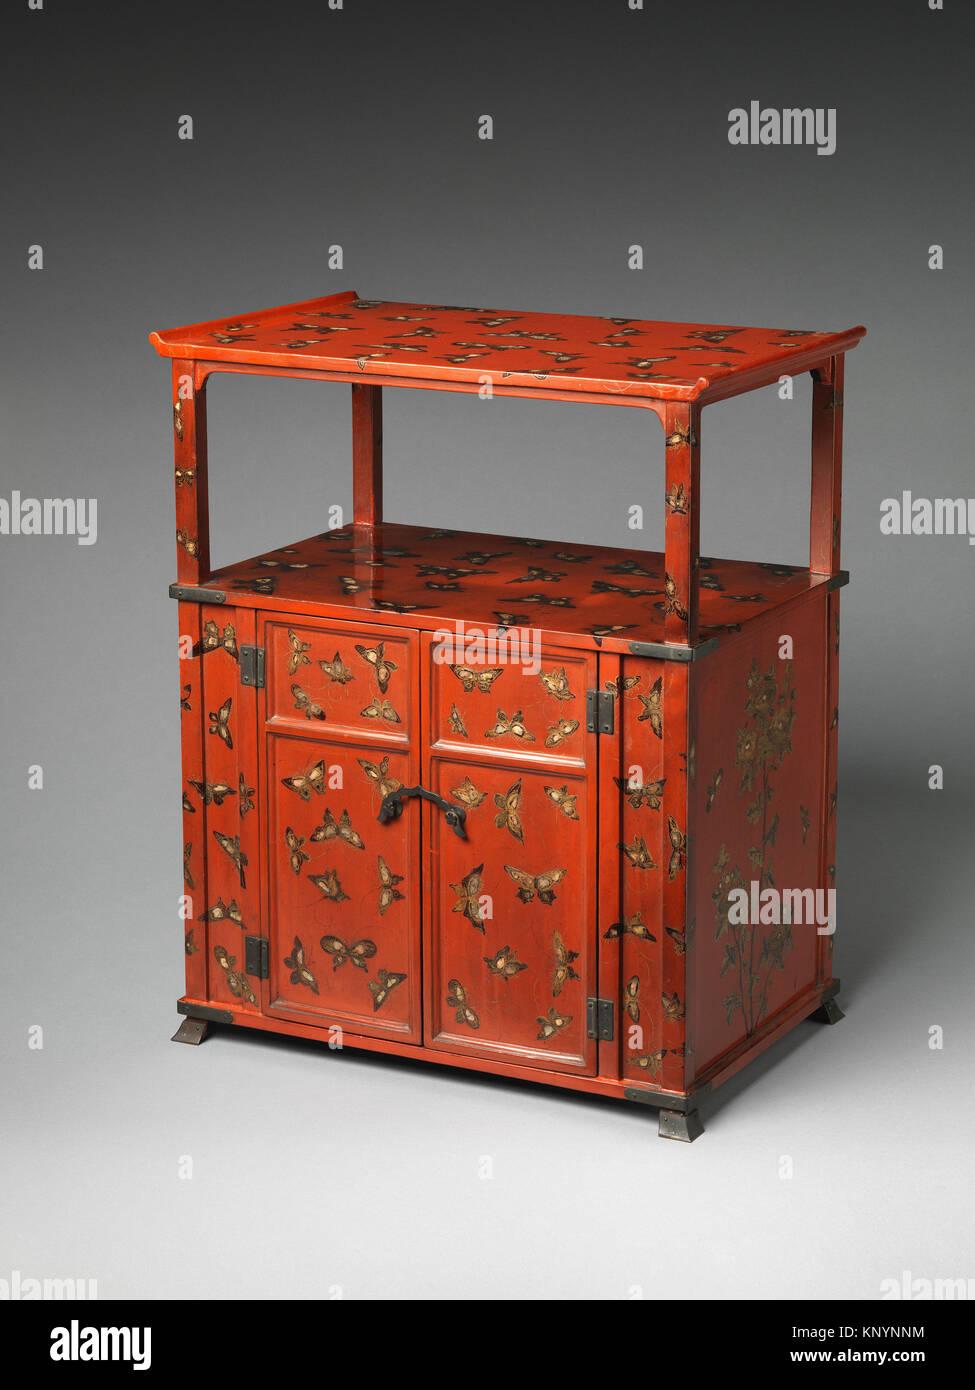 Schrank mit Design von Schmetterlingen. Zeitraum: Edo periode (1615 ...